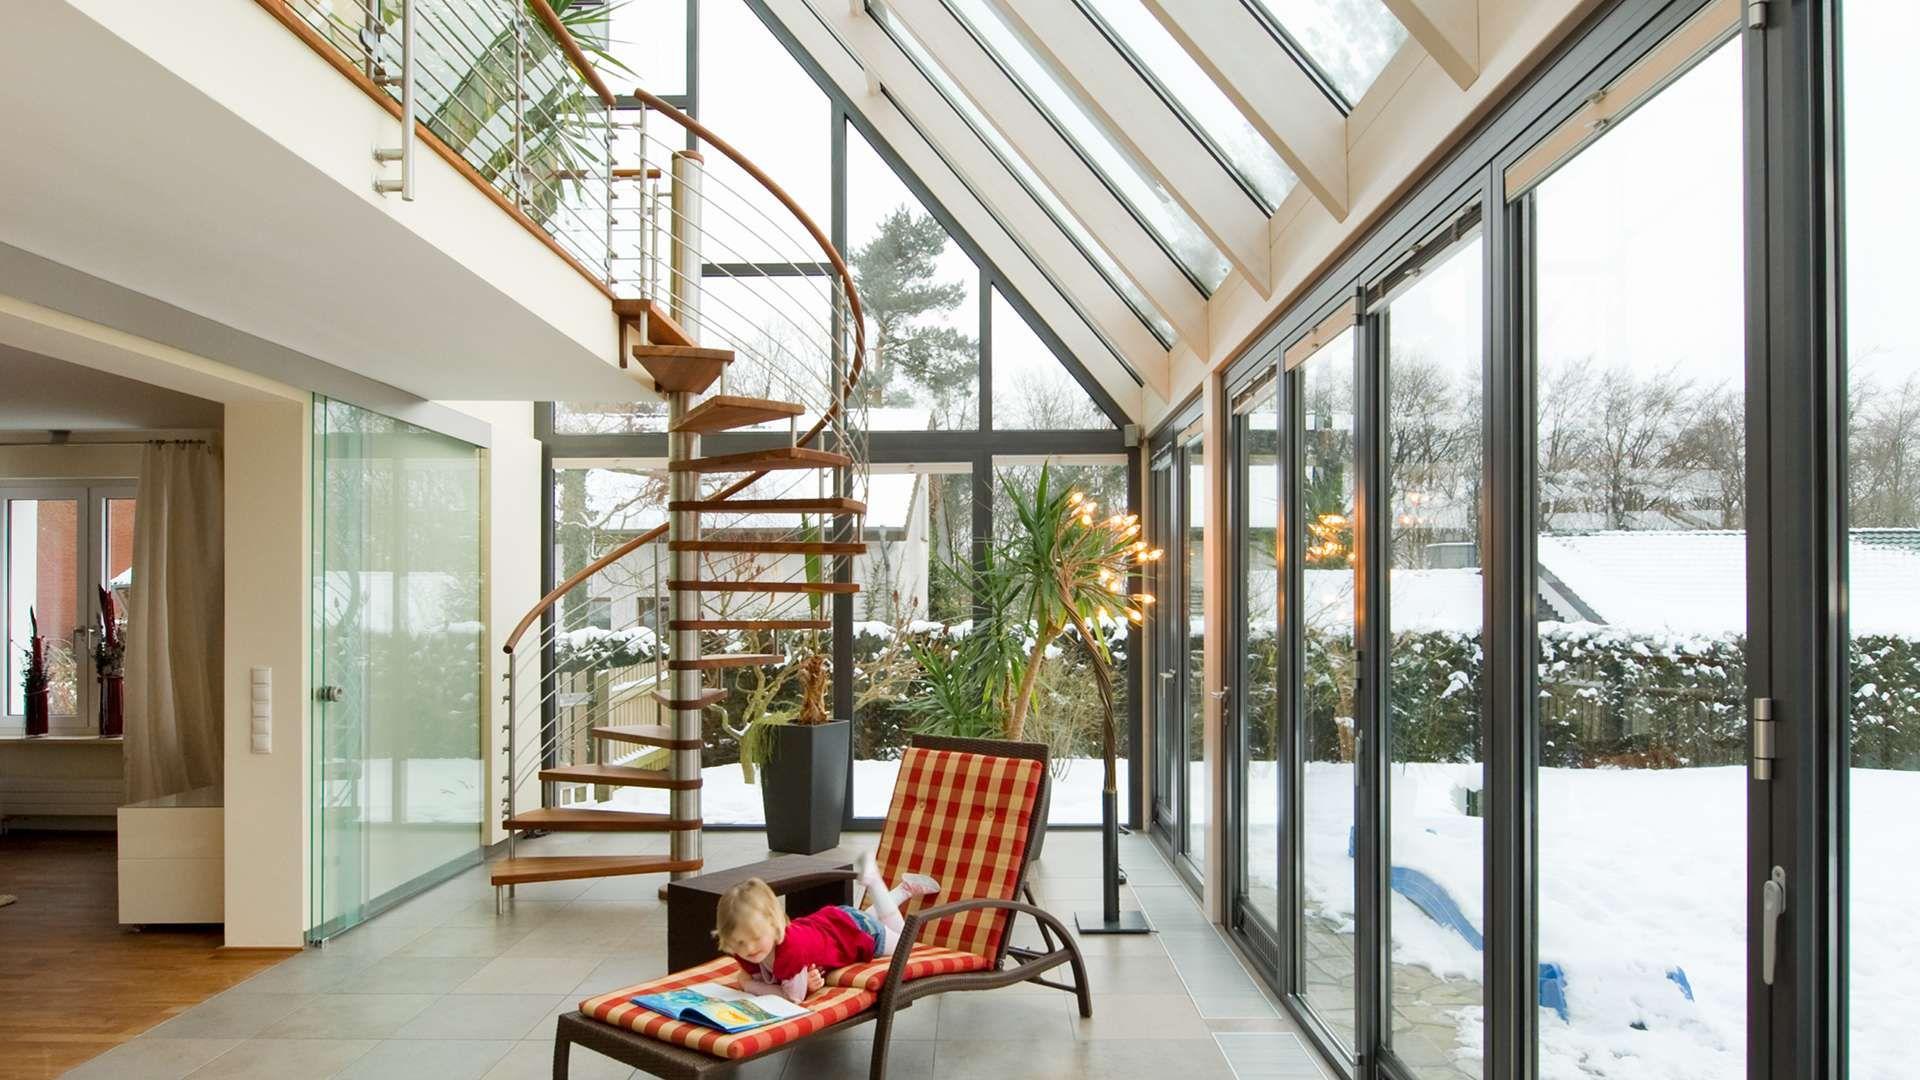 Innensansicht eines Wintergartens mit Wendeltreppe und Sonnenliege auf der ein Kind liegt